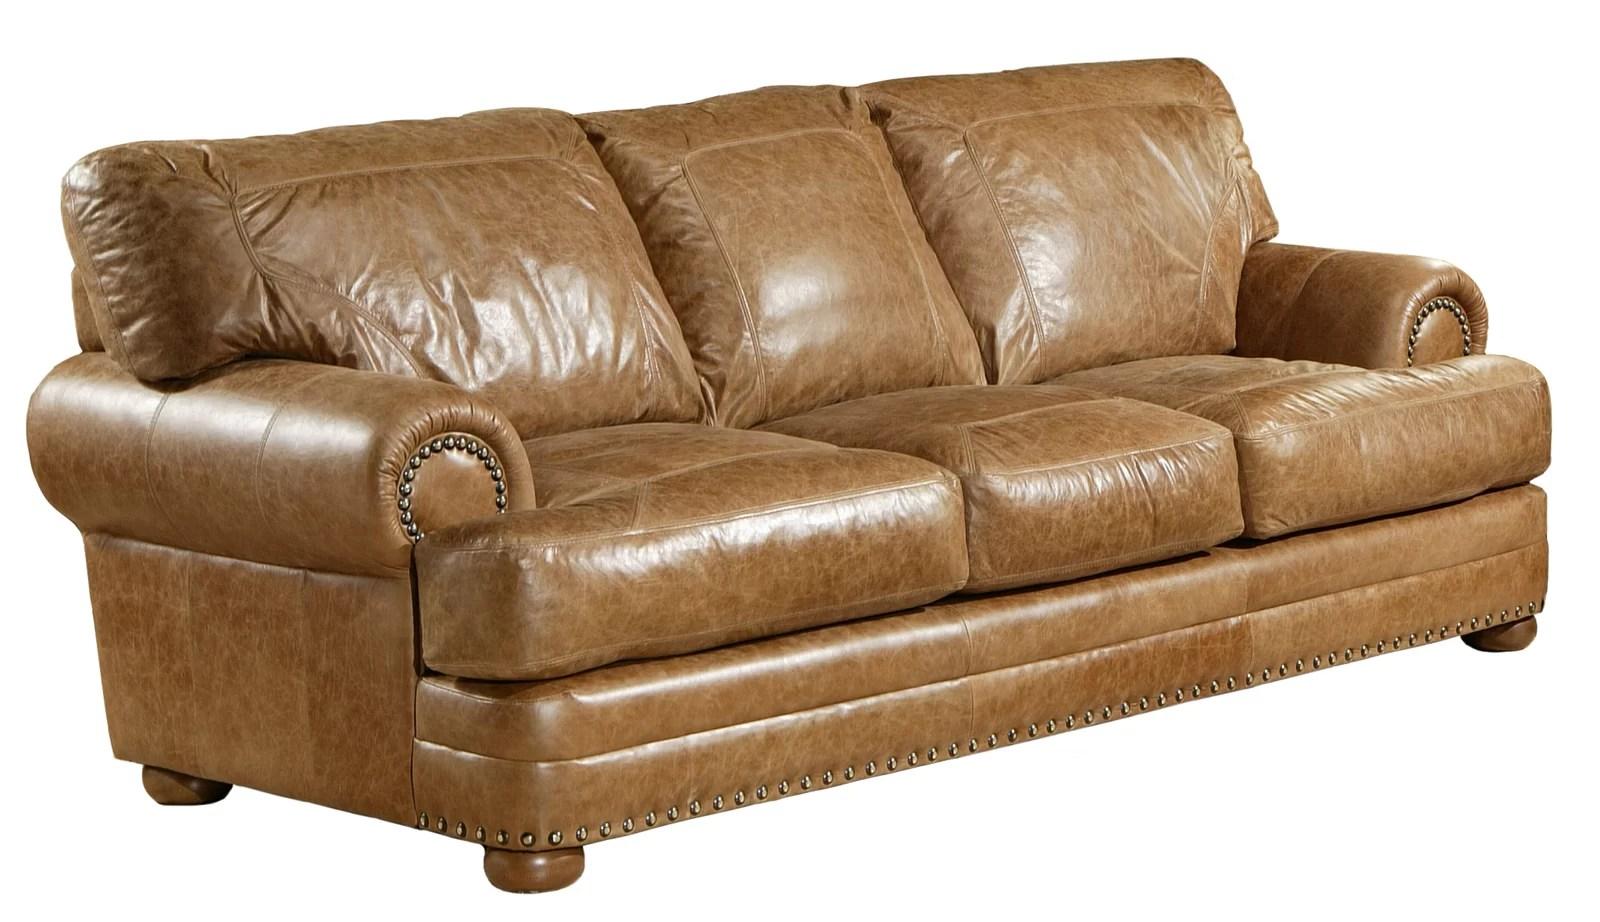 omnia leather sofa beds rock houston sofas stkittsvilla